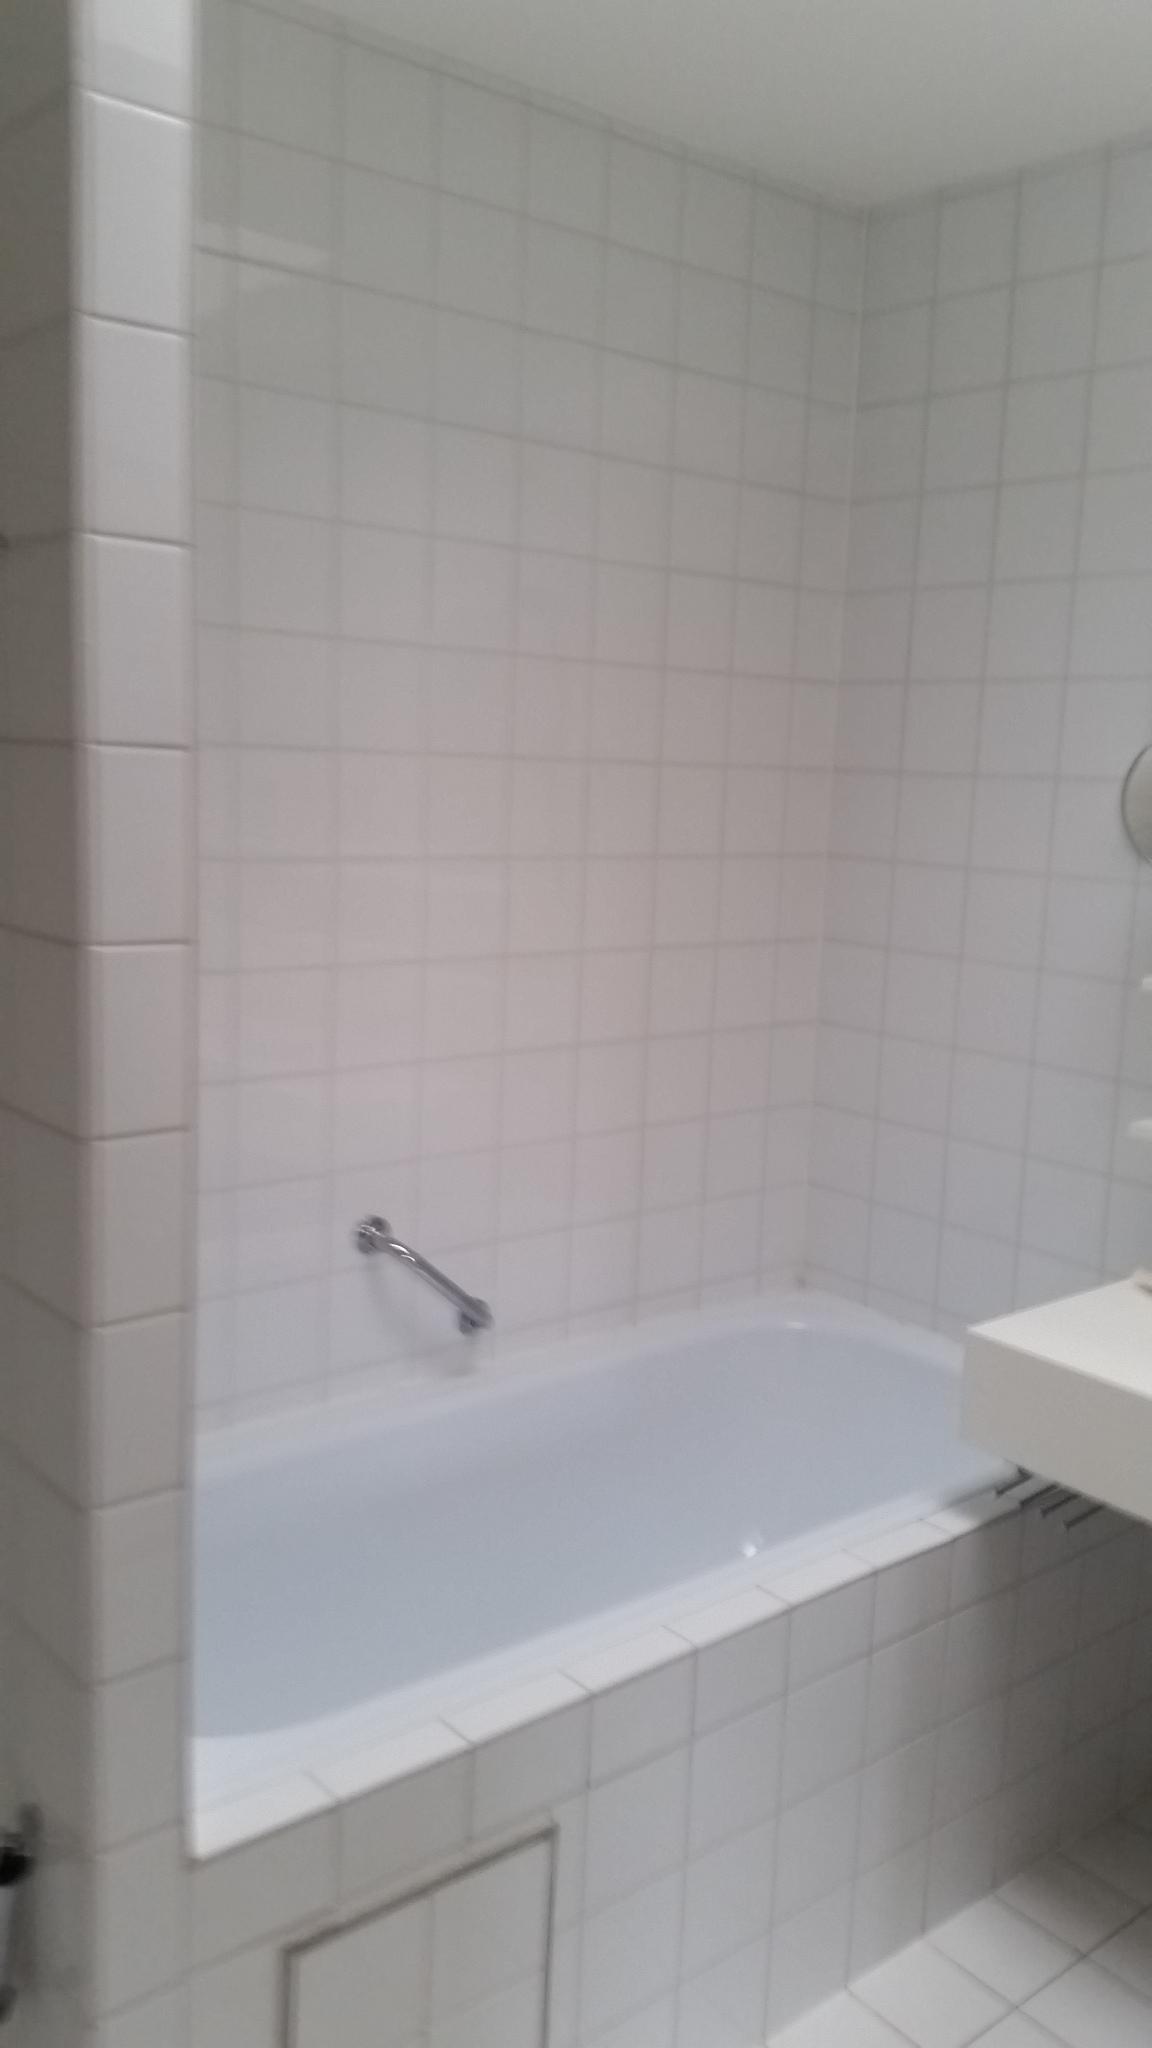 bodengleiche dusche m glich haustechnikdialog. Black Bedroom Furniture Sets. Home Design Ideas